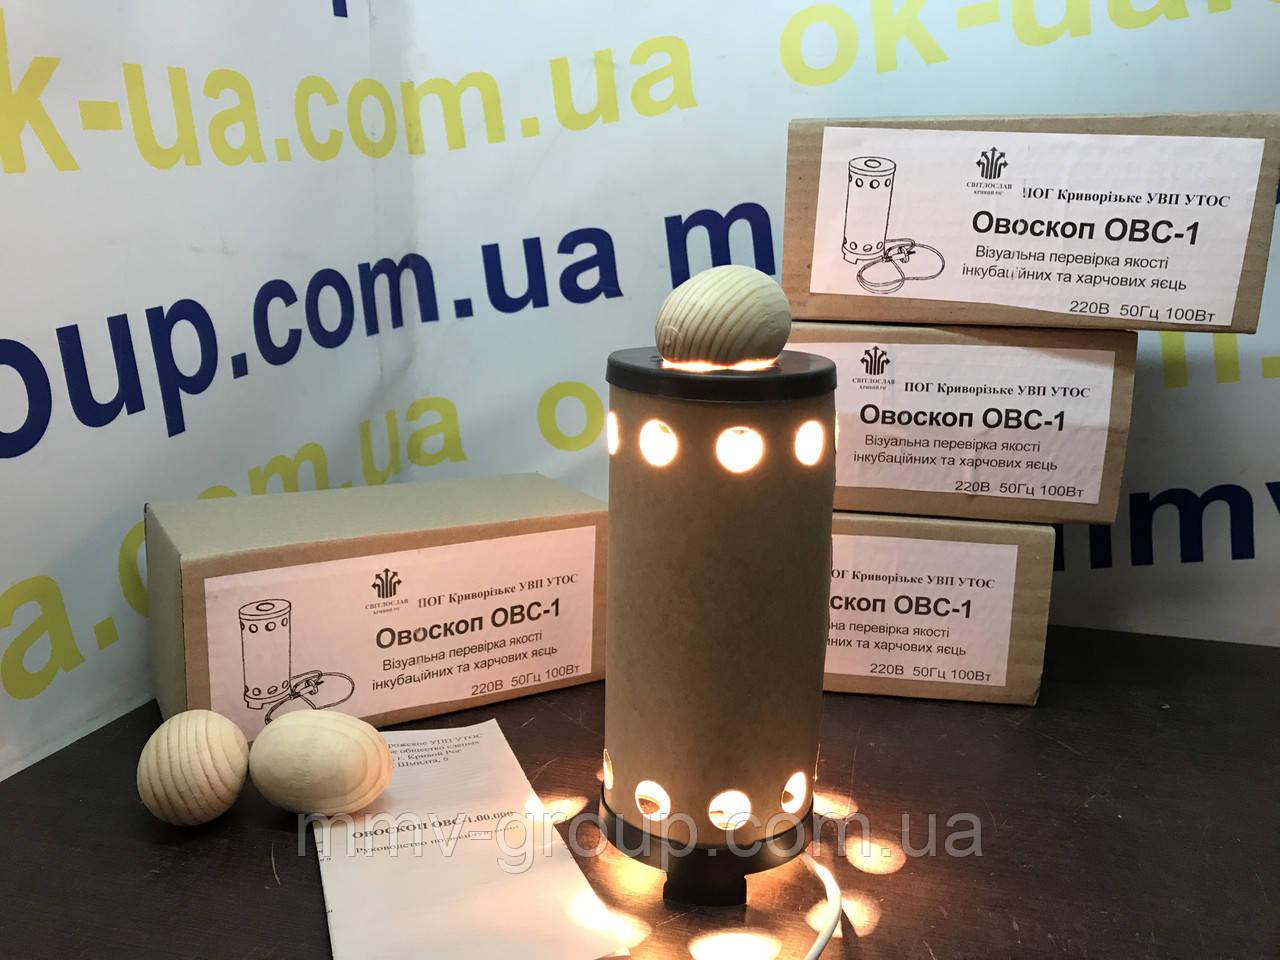 Овоскоп ОВС-1 УТОС для всех типов яиц - MMV-Group в Харькове